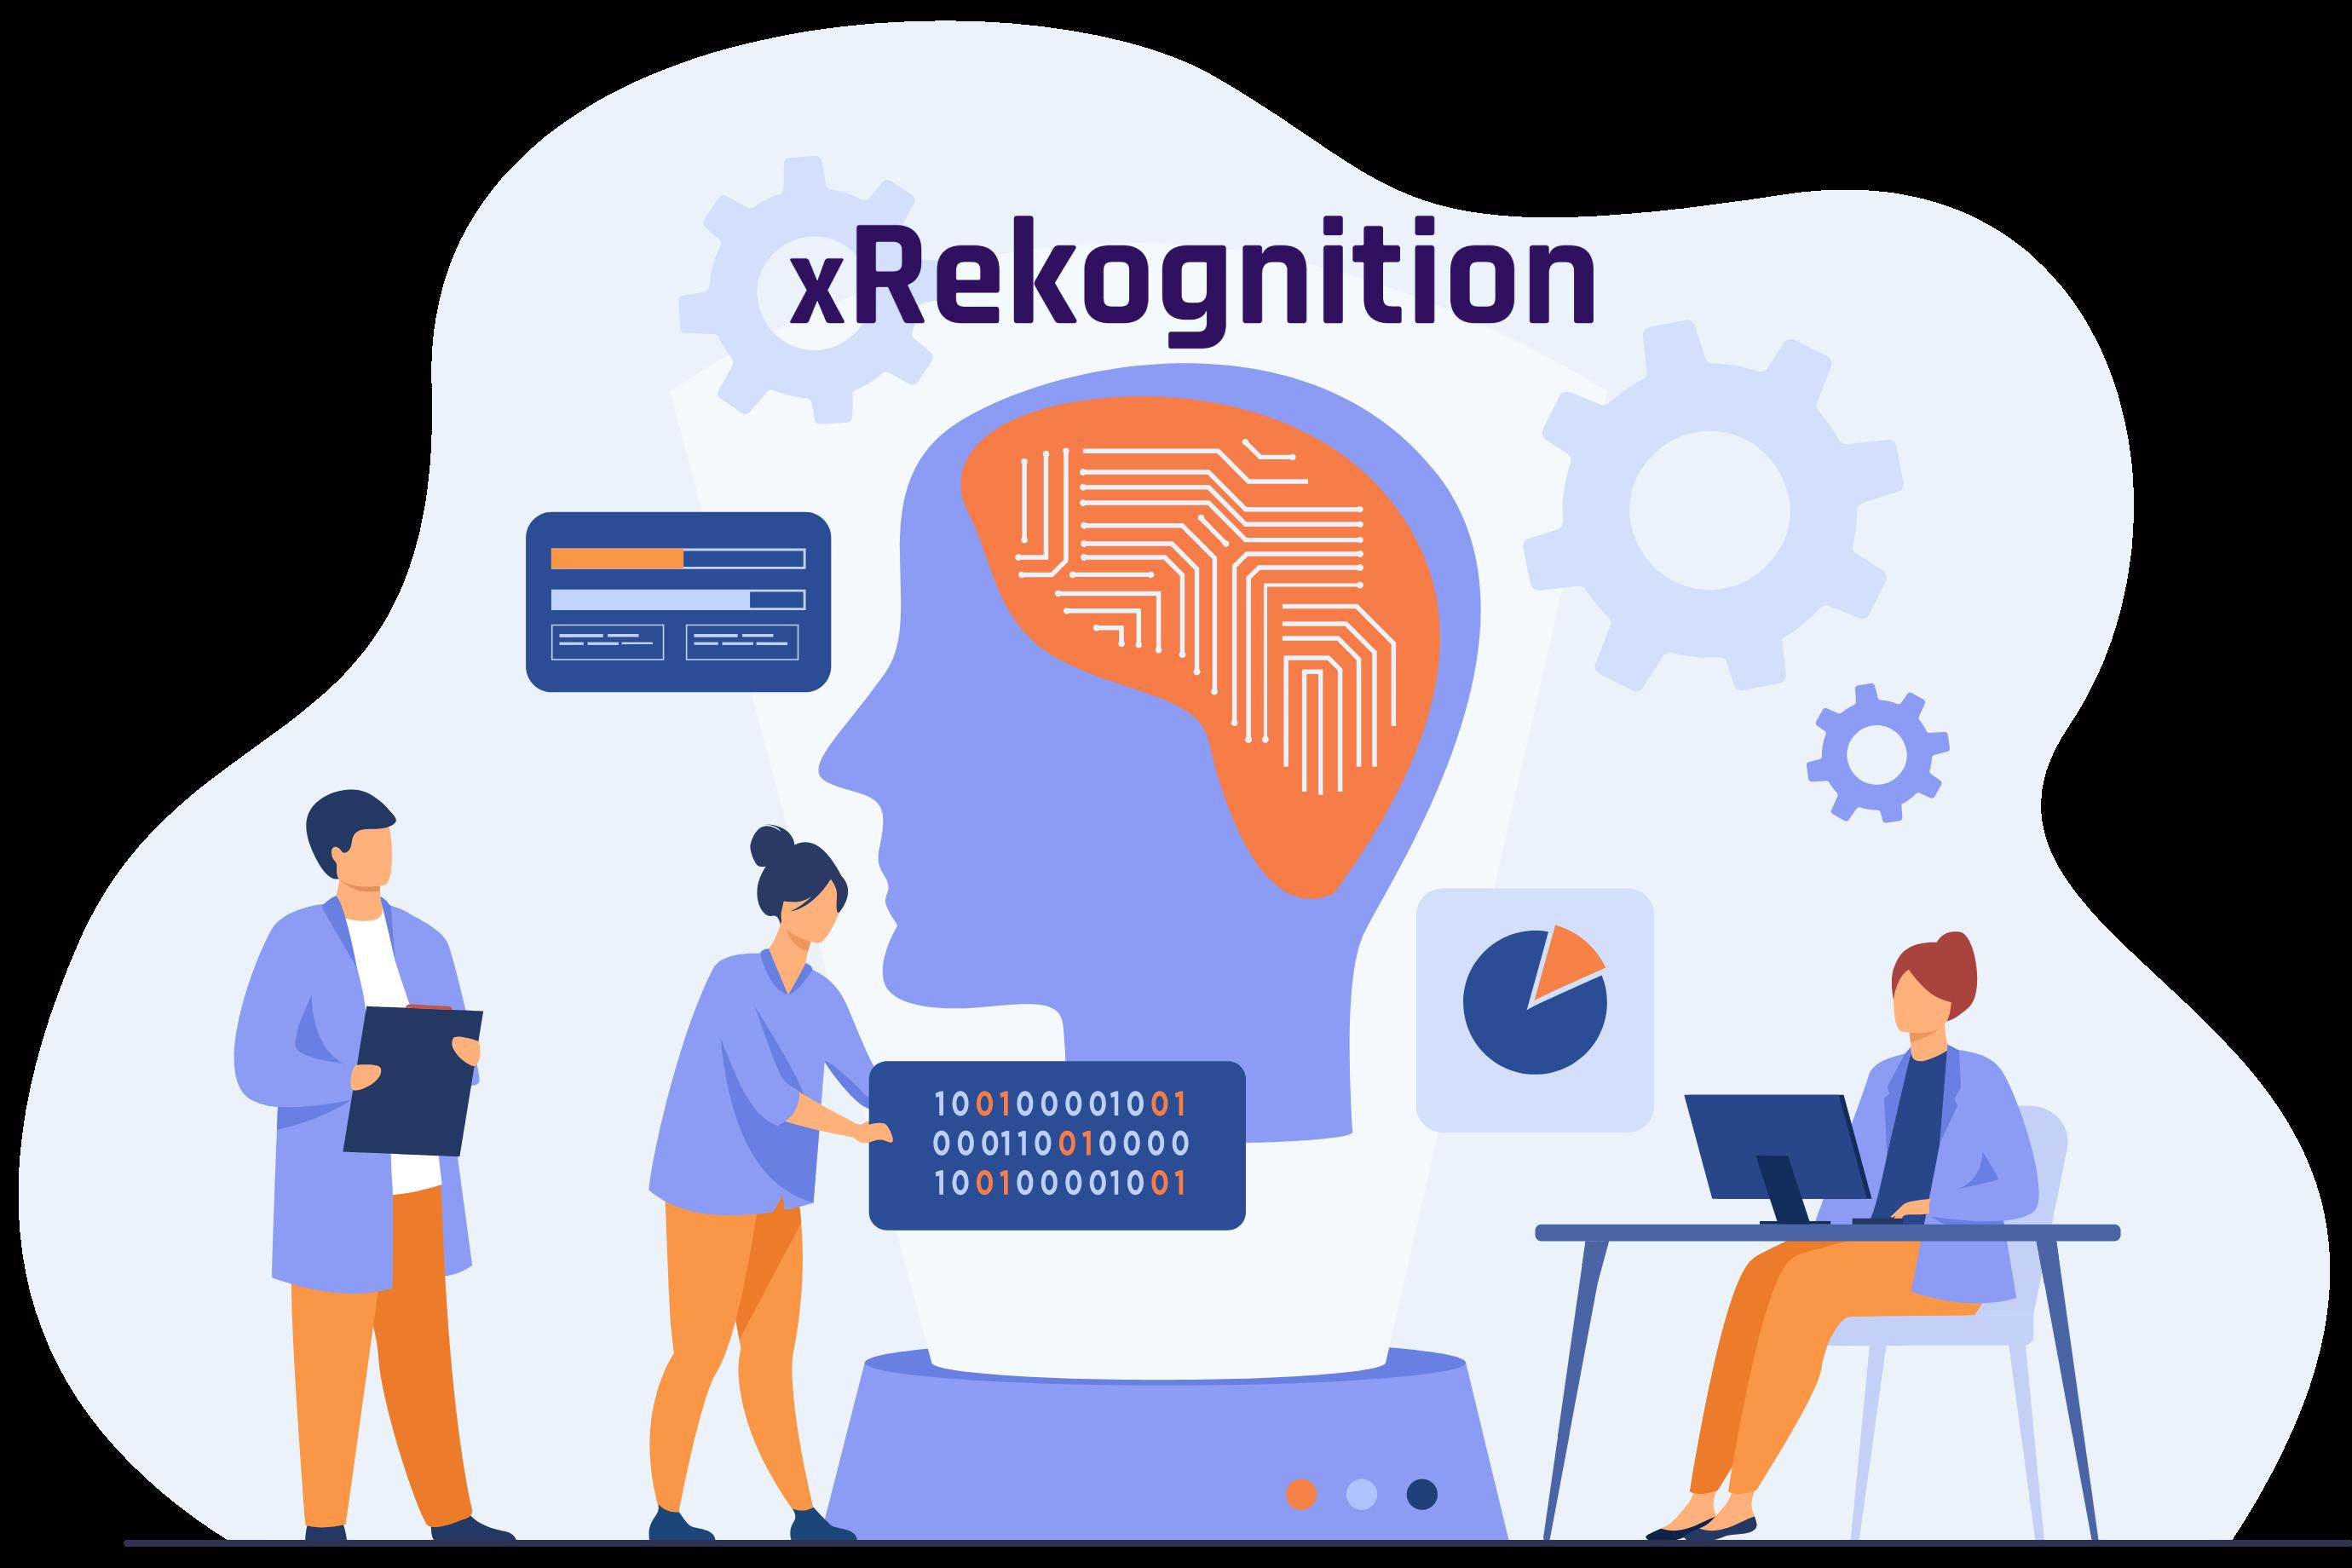 xRekognition design